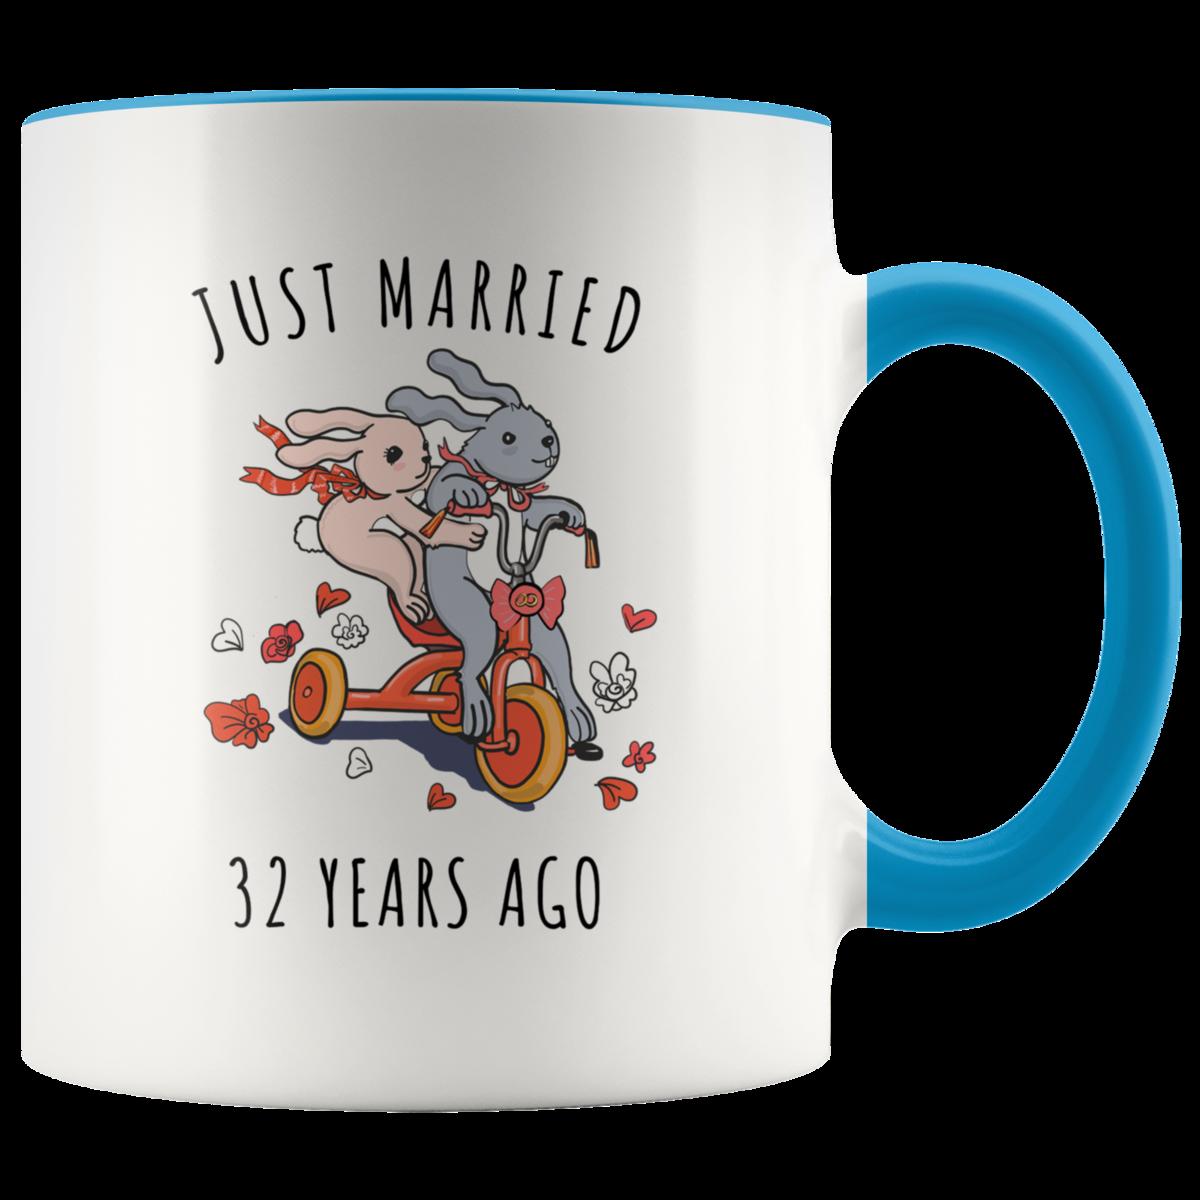 32nd Wedding Anniversary Gift